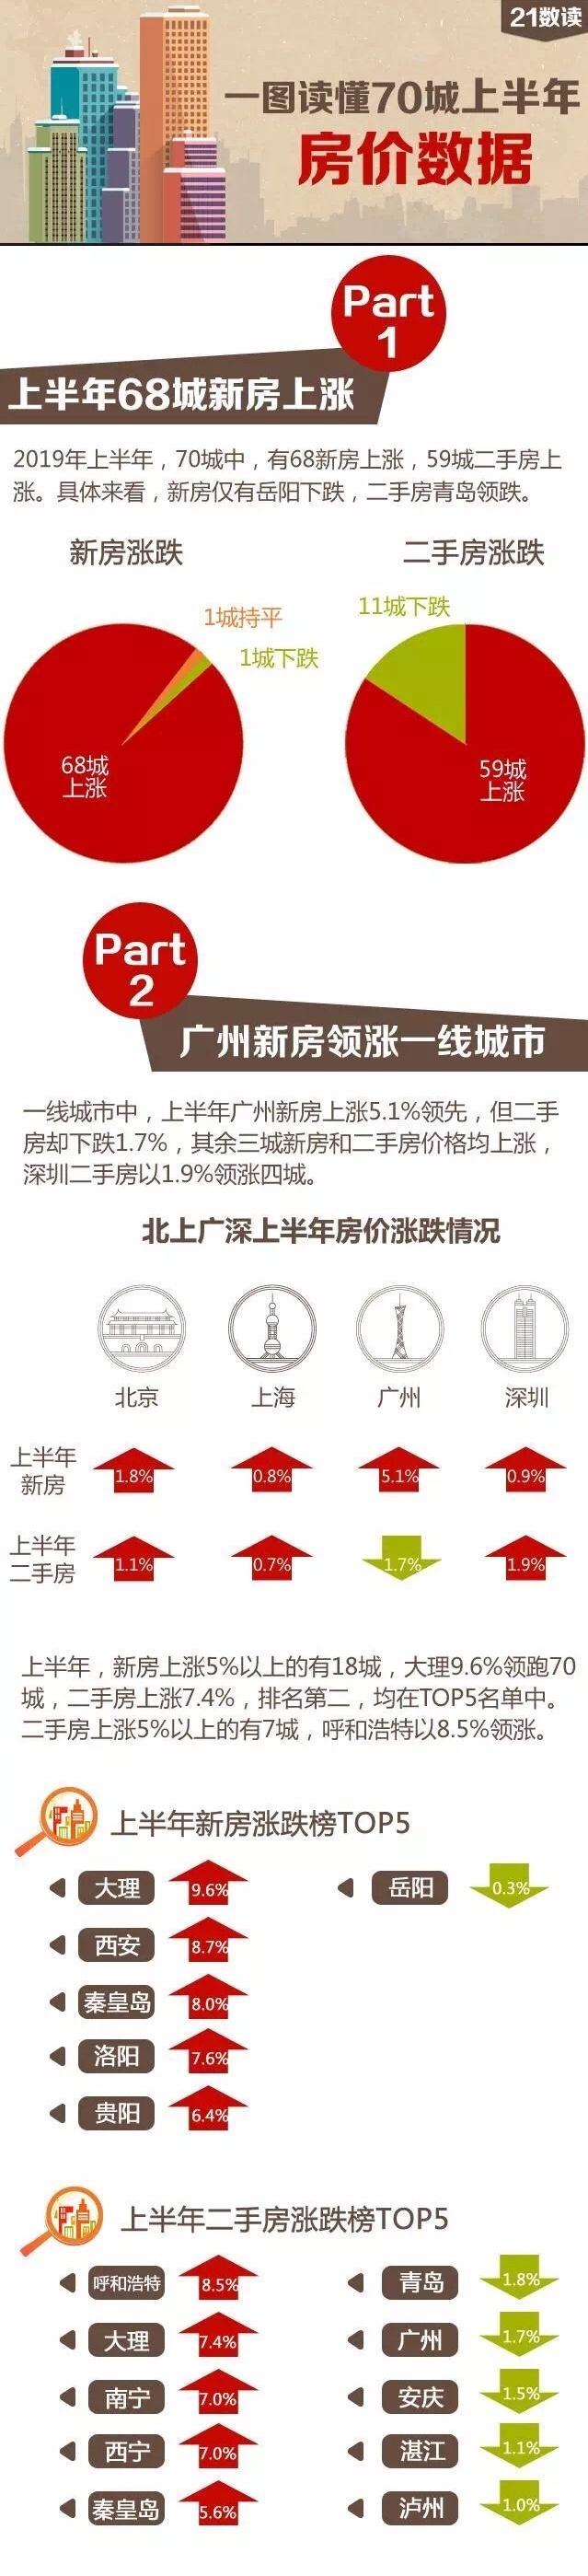 上半年70城房价排行榜:新房仅1城下跌你家房子是涨还是跌?